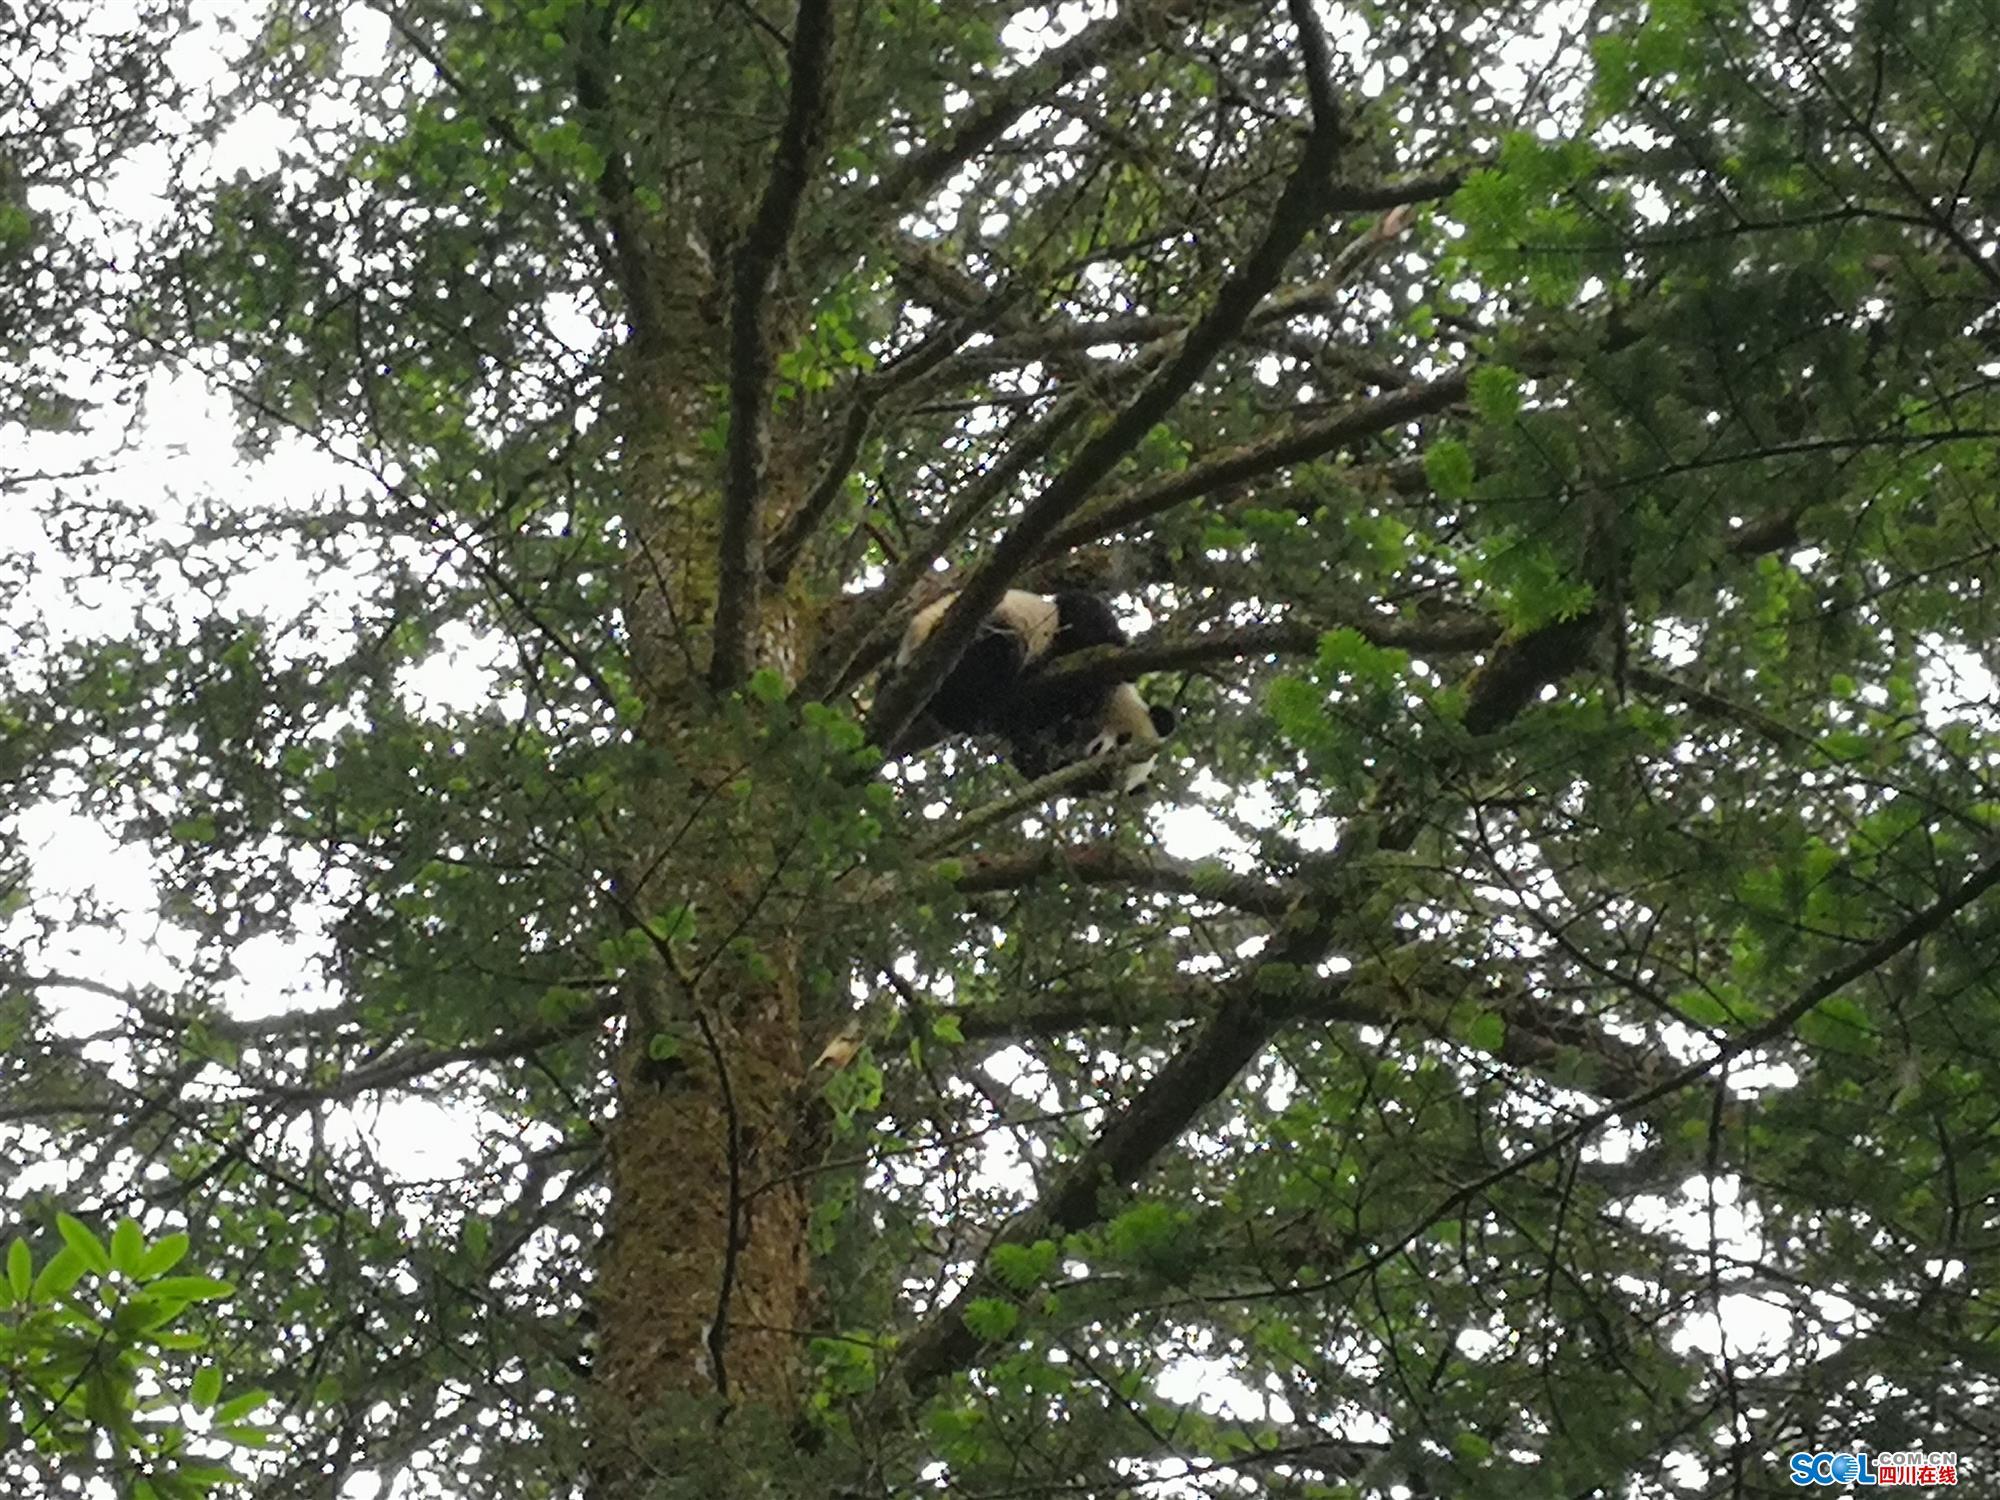 四川卧龙:野生大熊猫宝宝爬树 被科考队员拍下